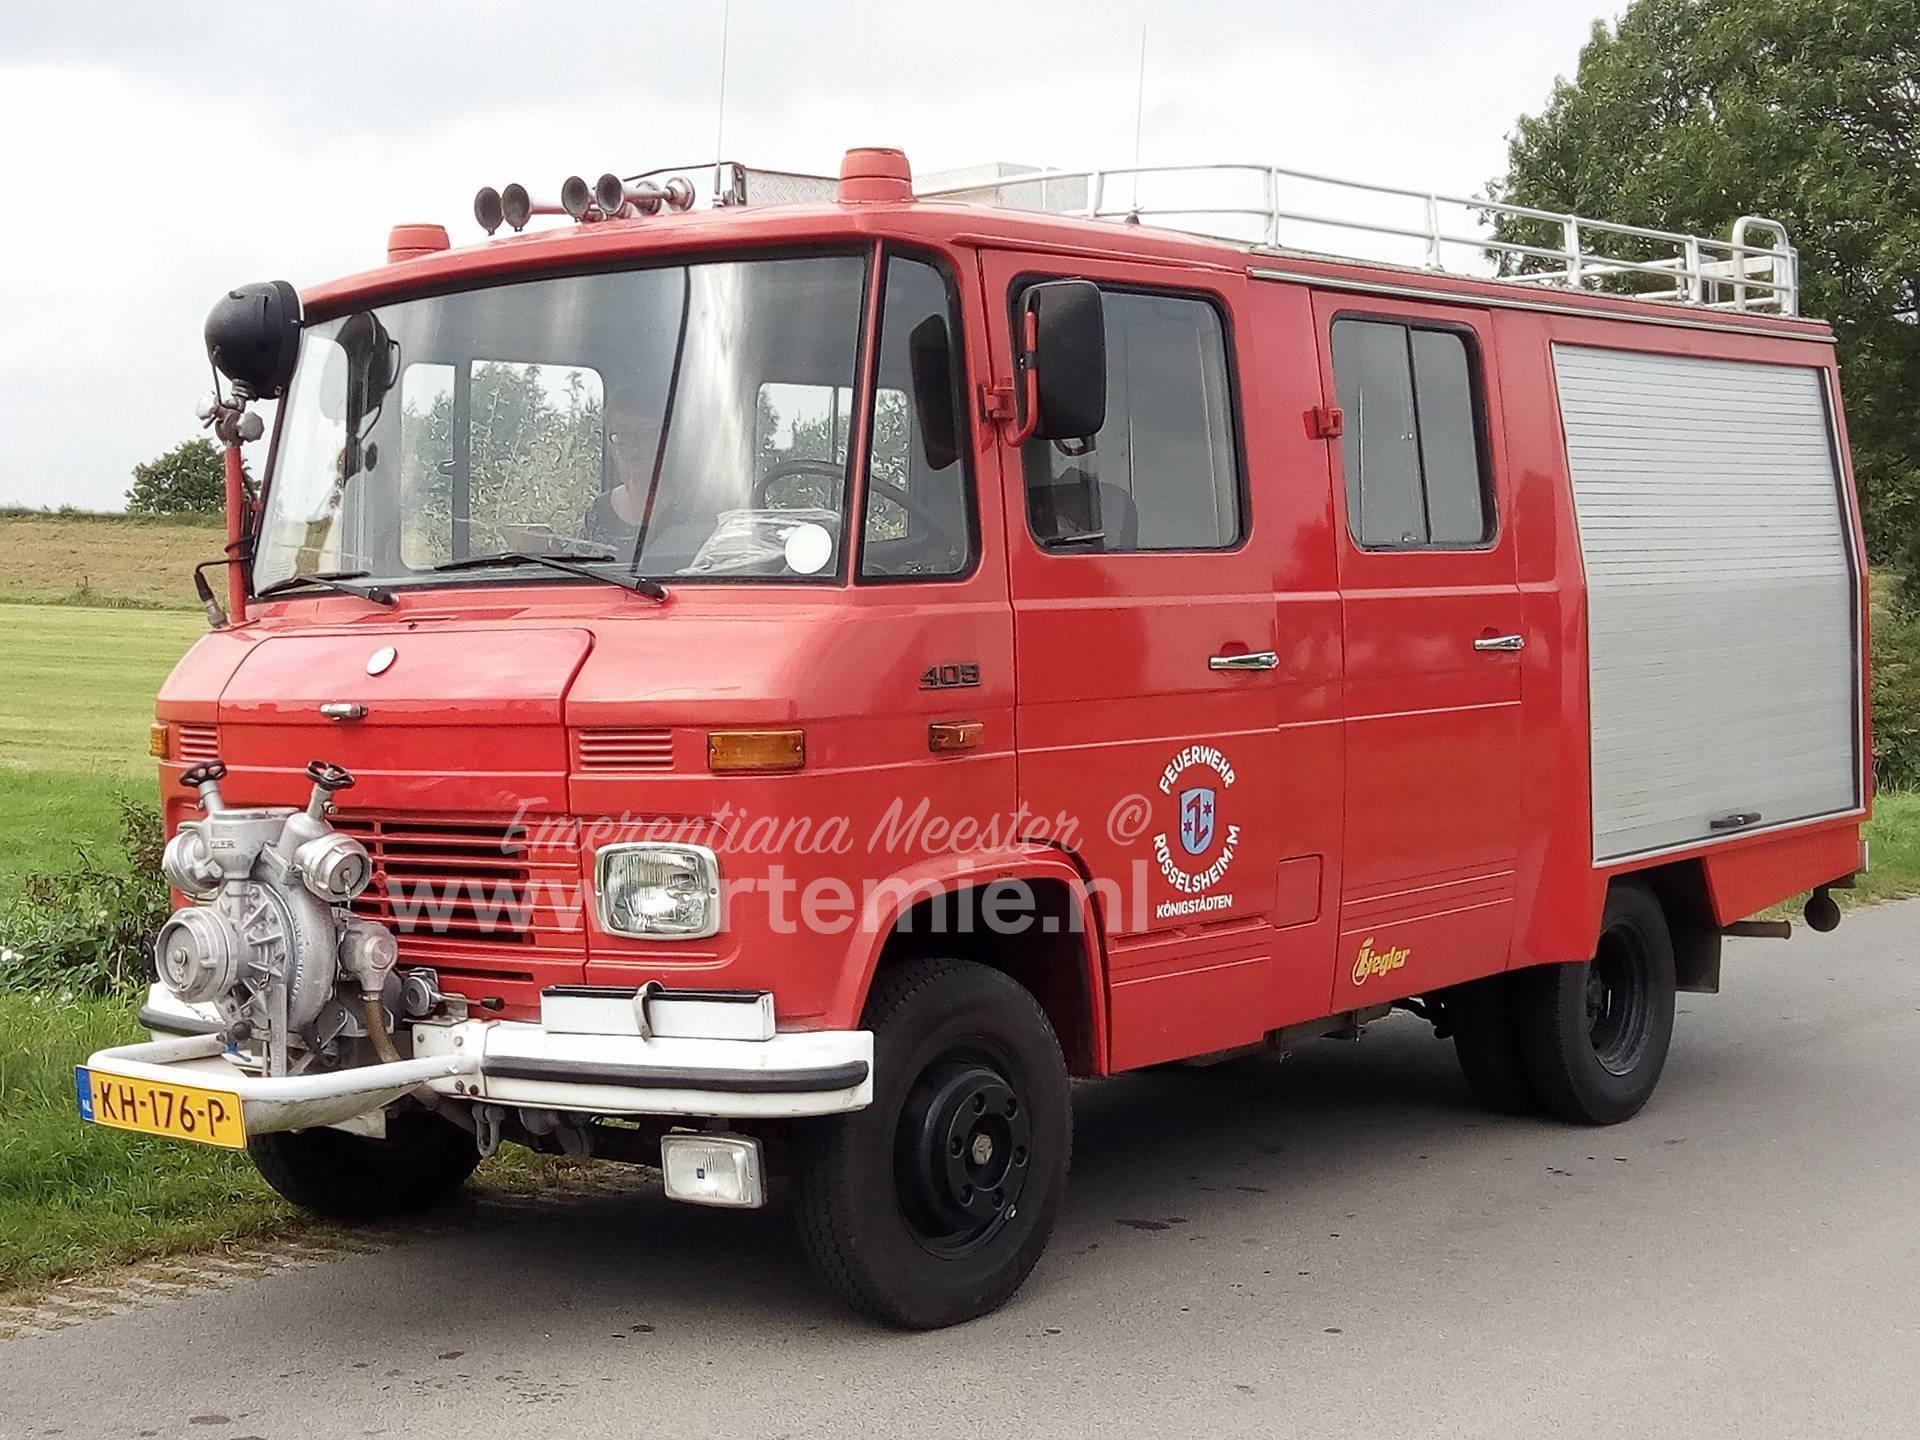 Our Mercedes 409 Firetruck